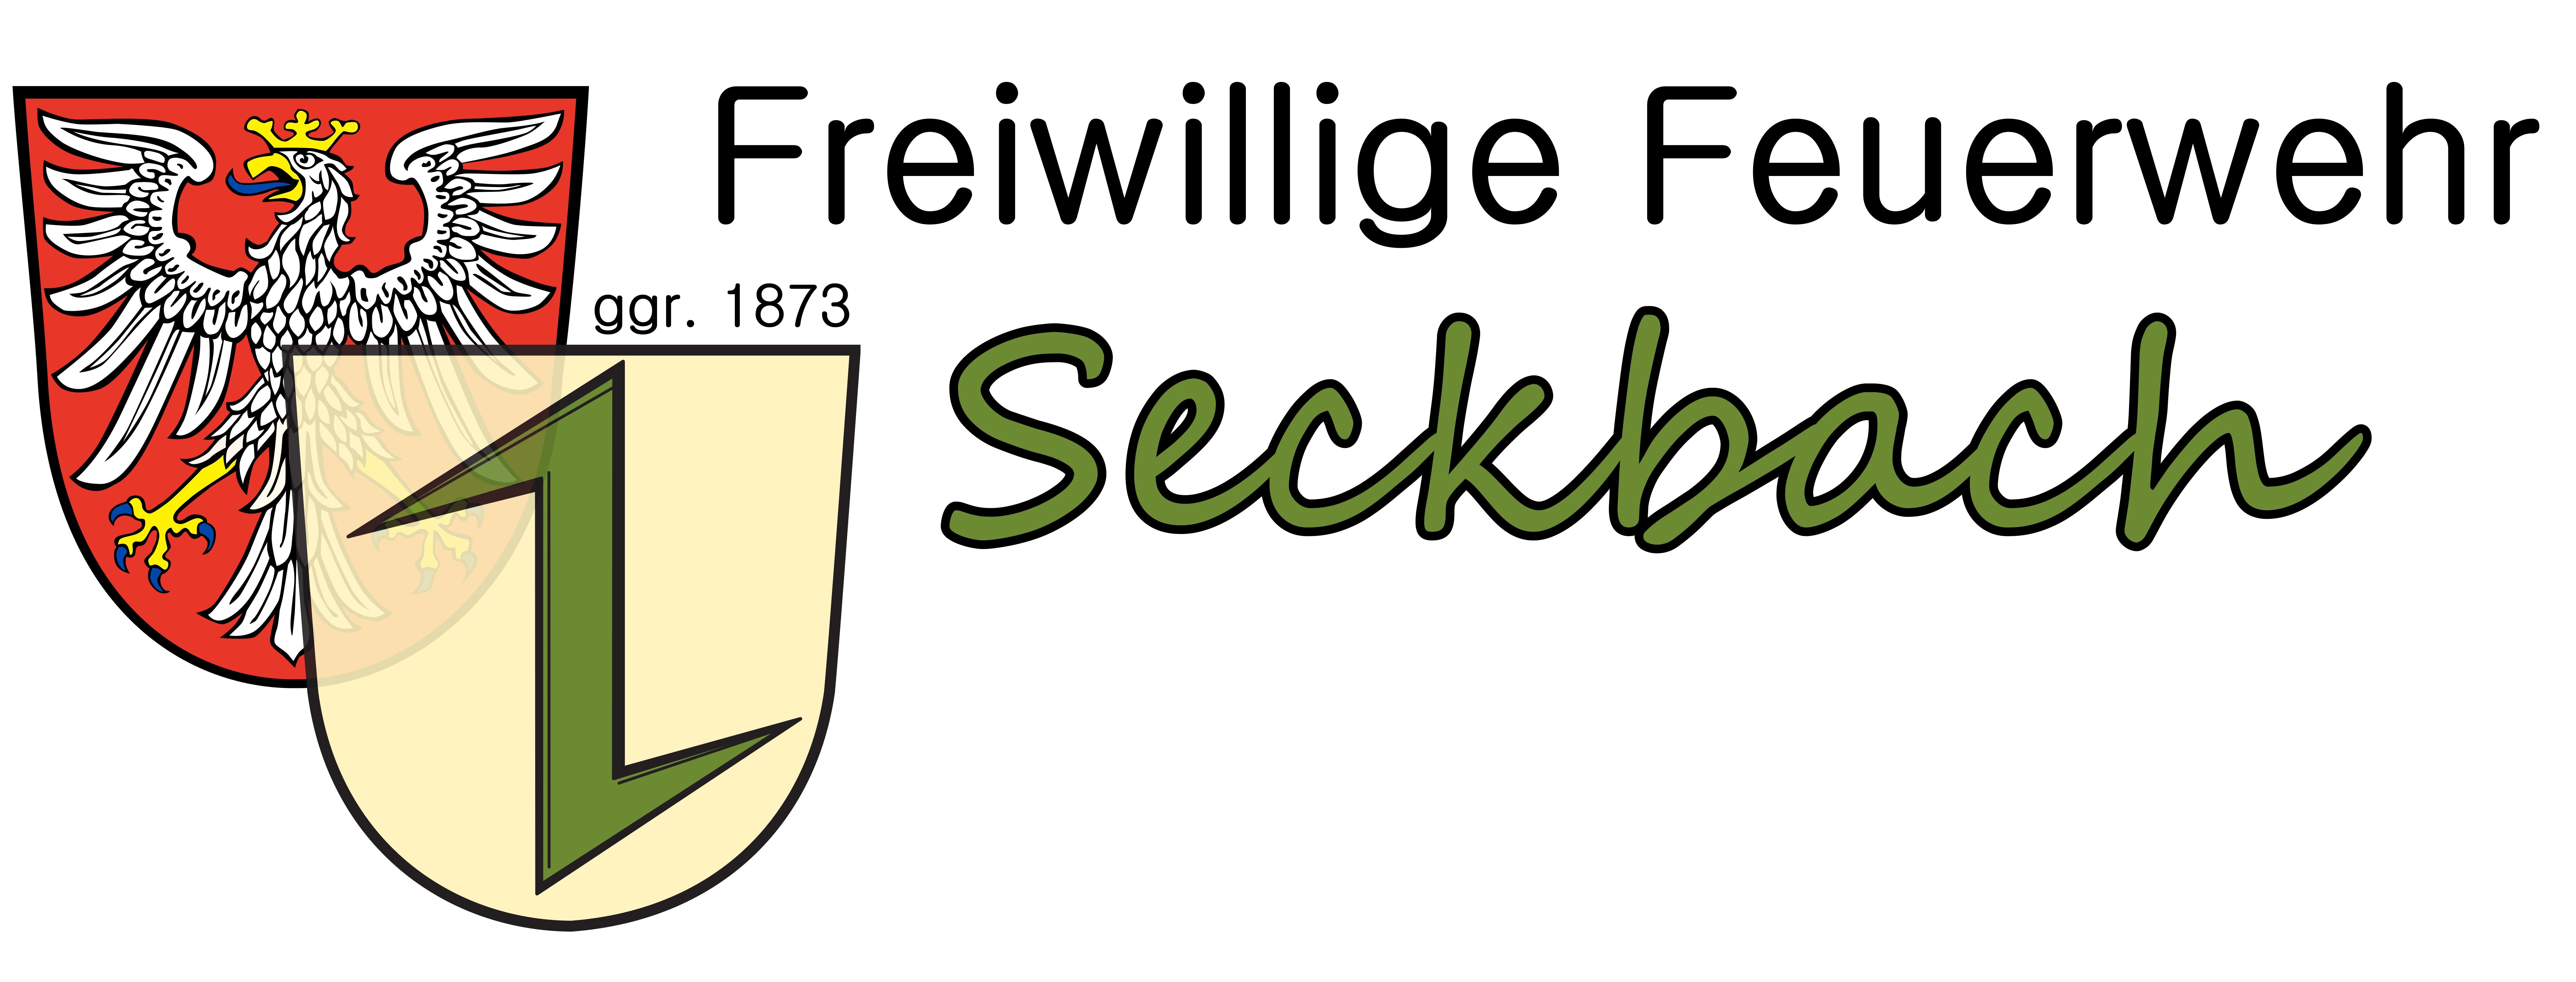 Freiwillige Feuerwehr Seckbach